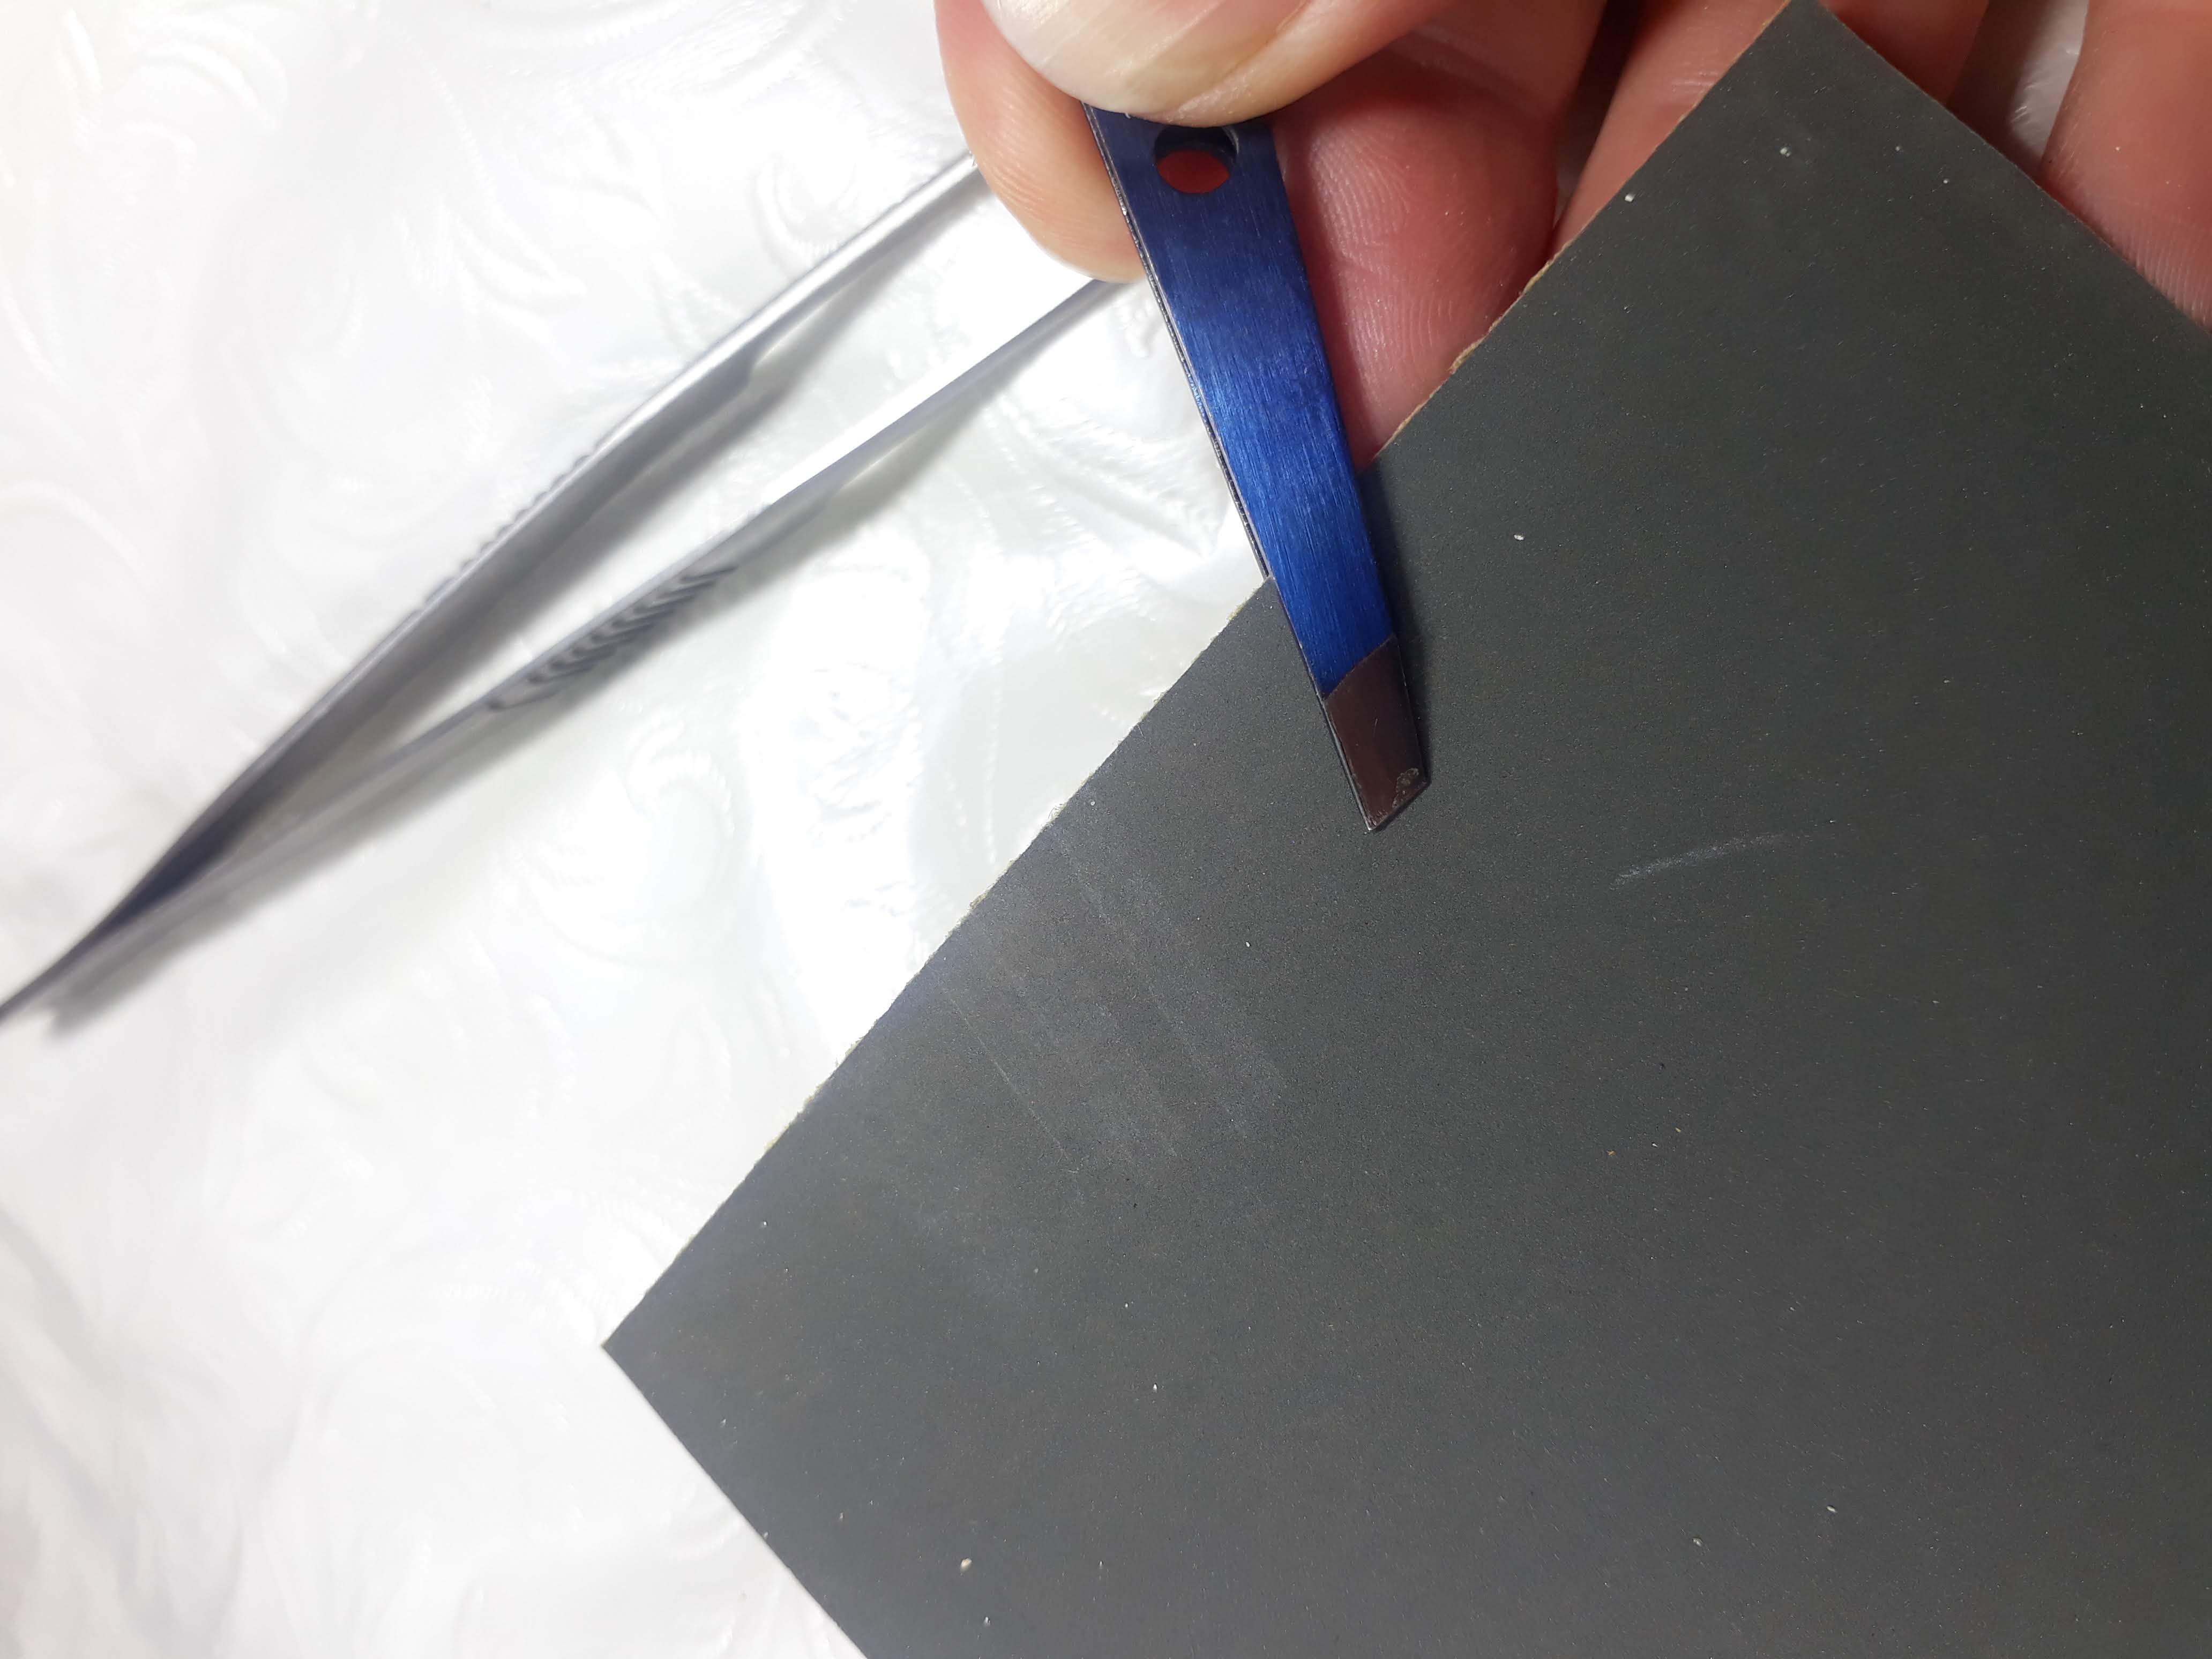 sharpening tweezers